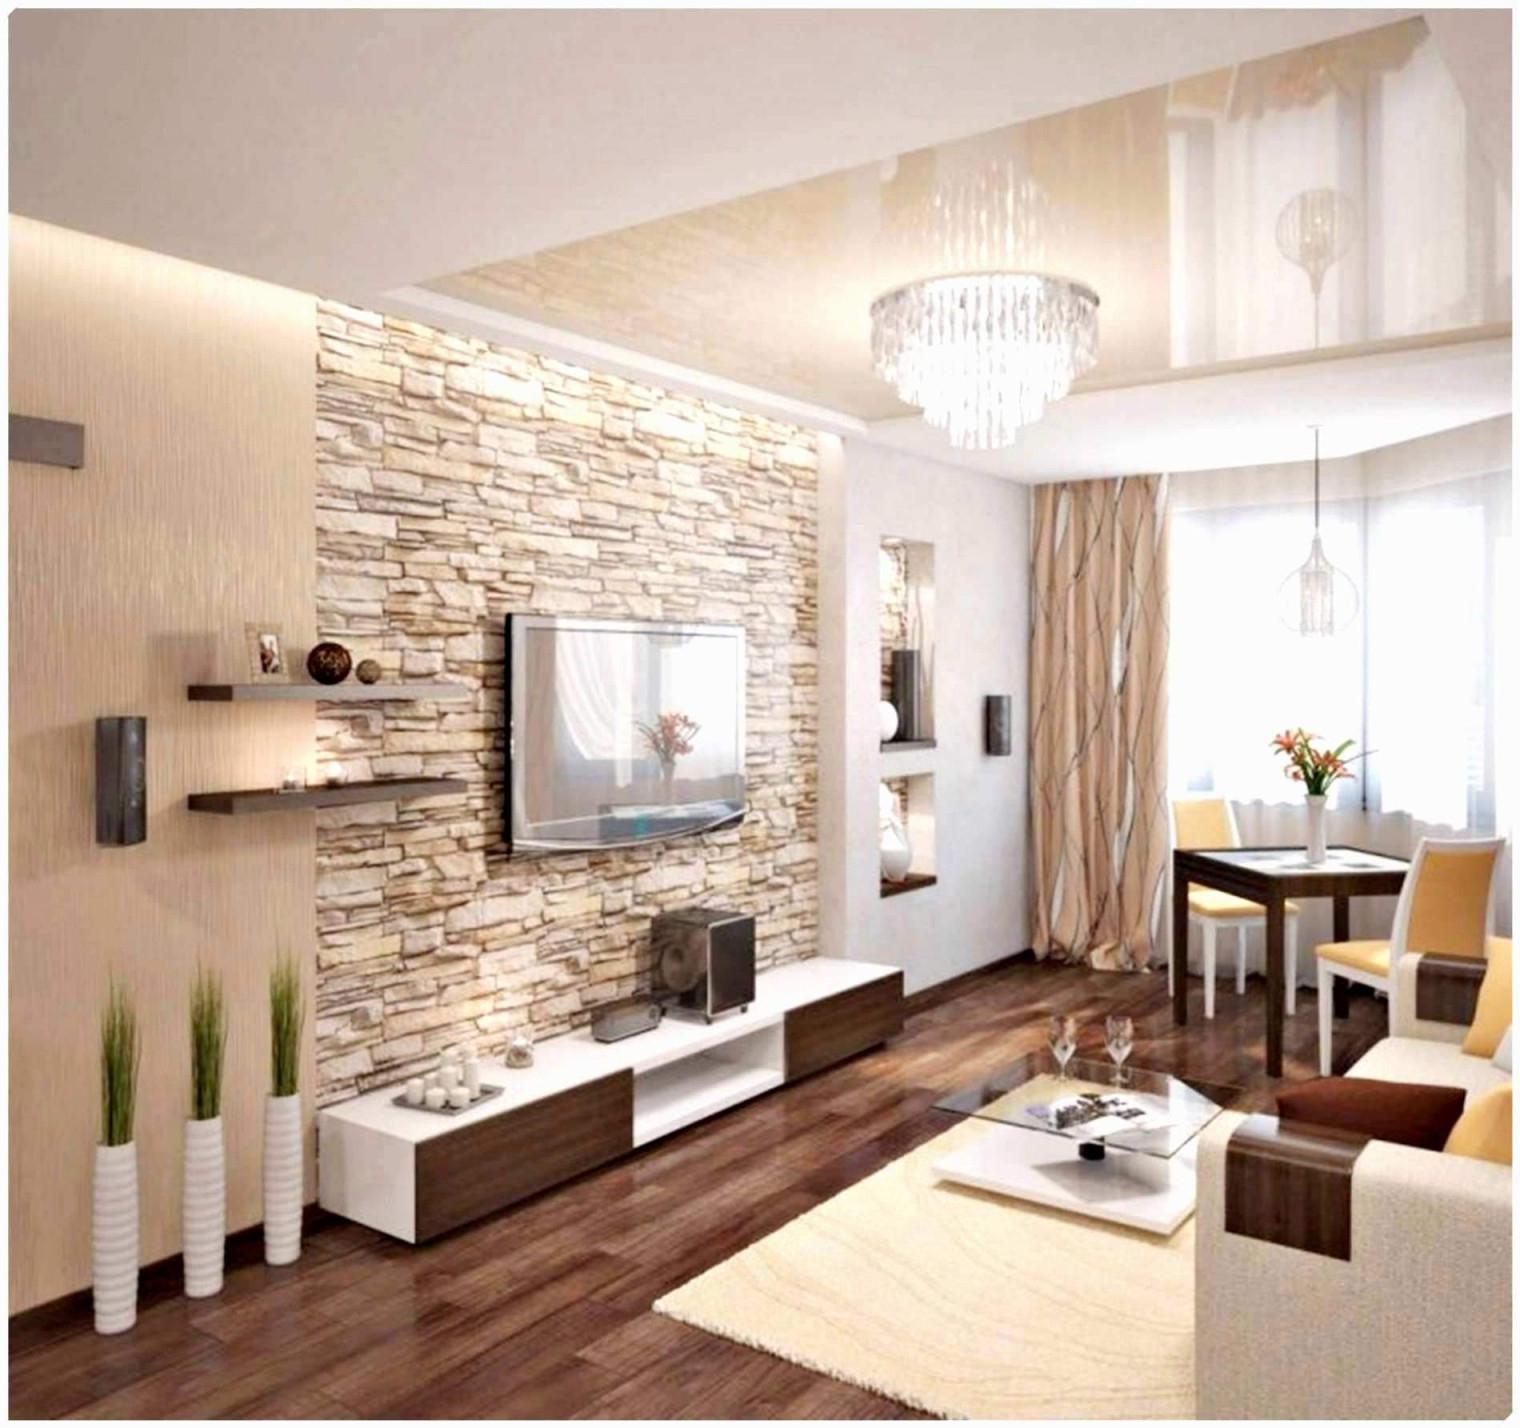 39 Einzigartig Wohnzimmer Tapeten Ideen Modern Das Beste Von von Ideen Wohnzimmer Tapezieren Bild